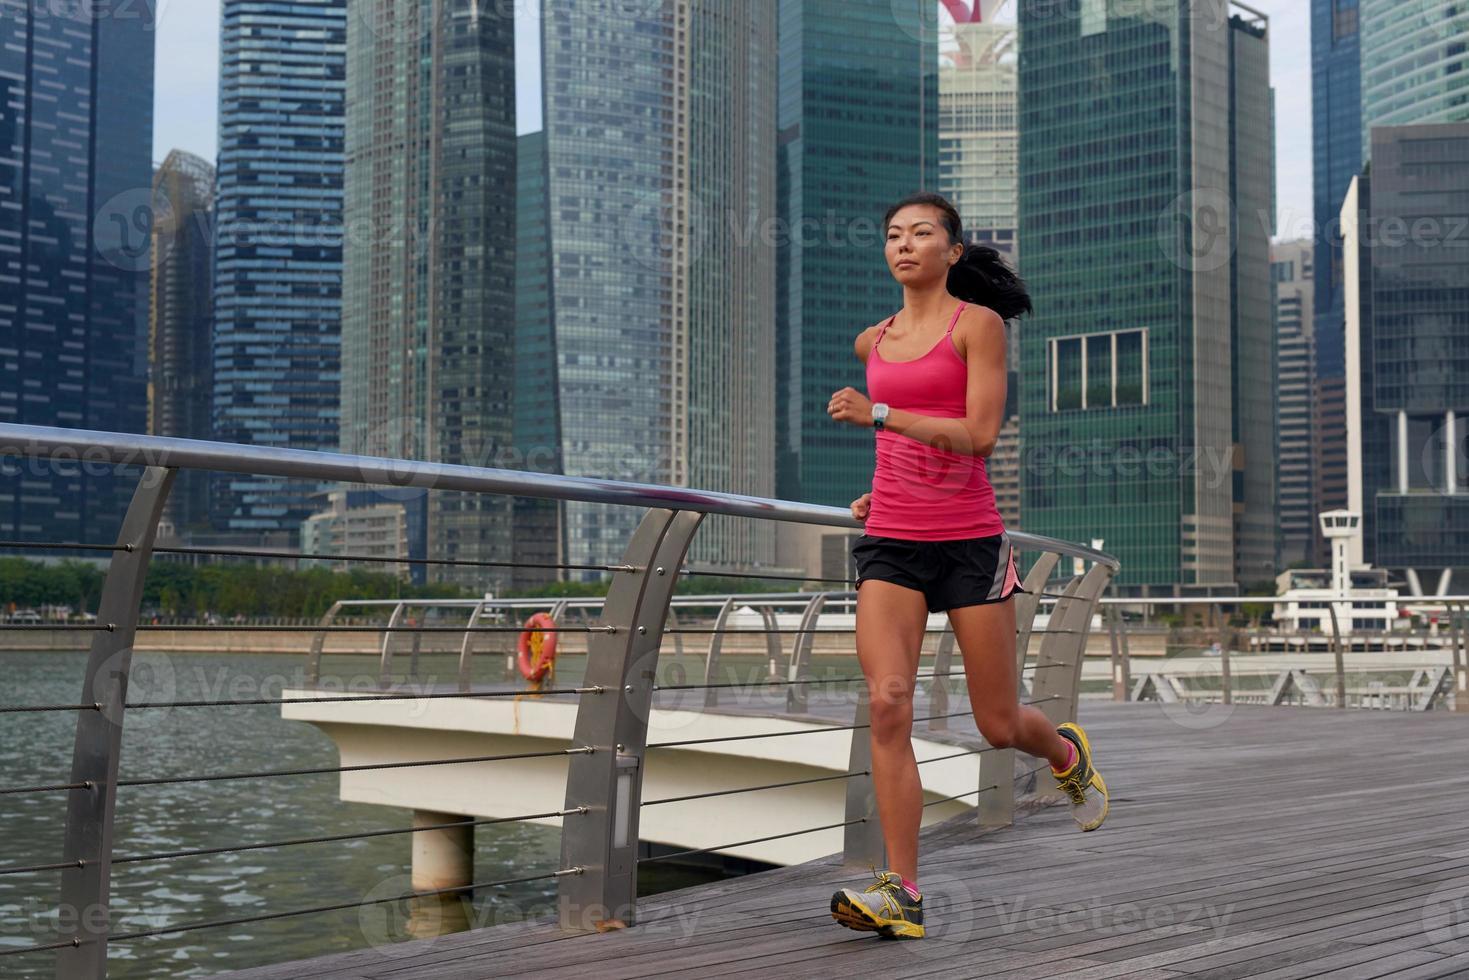 Fitness Frau läuft foto